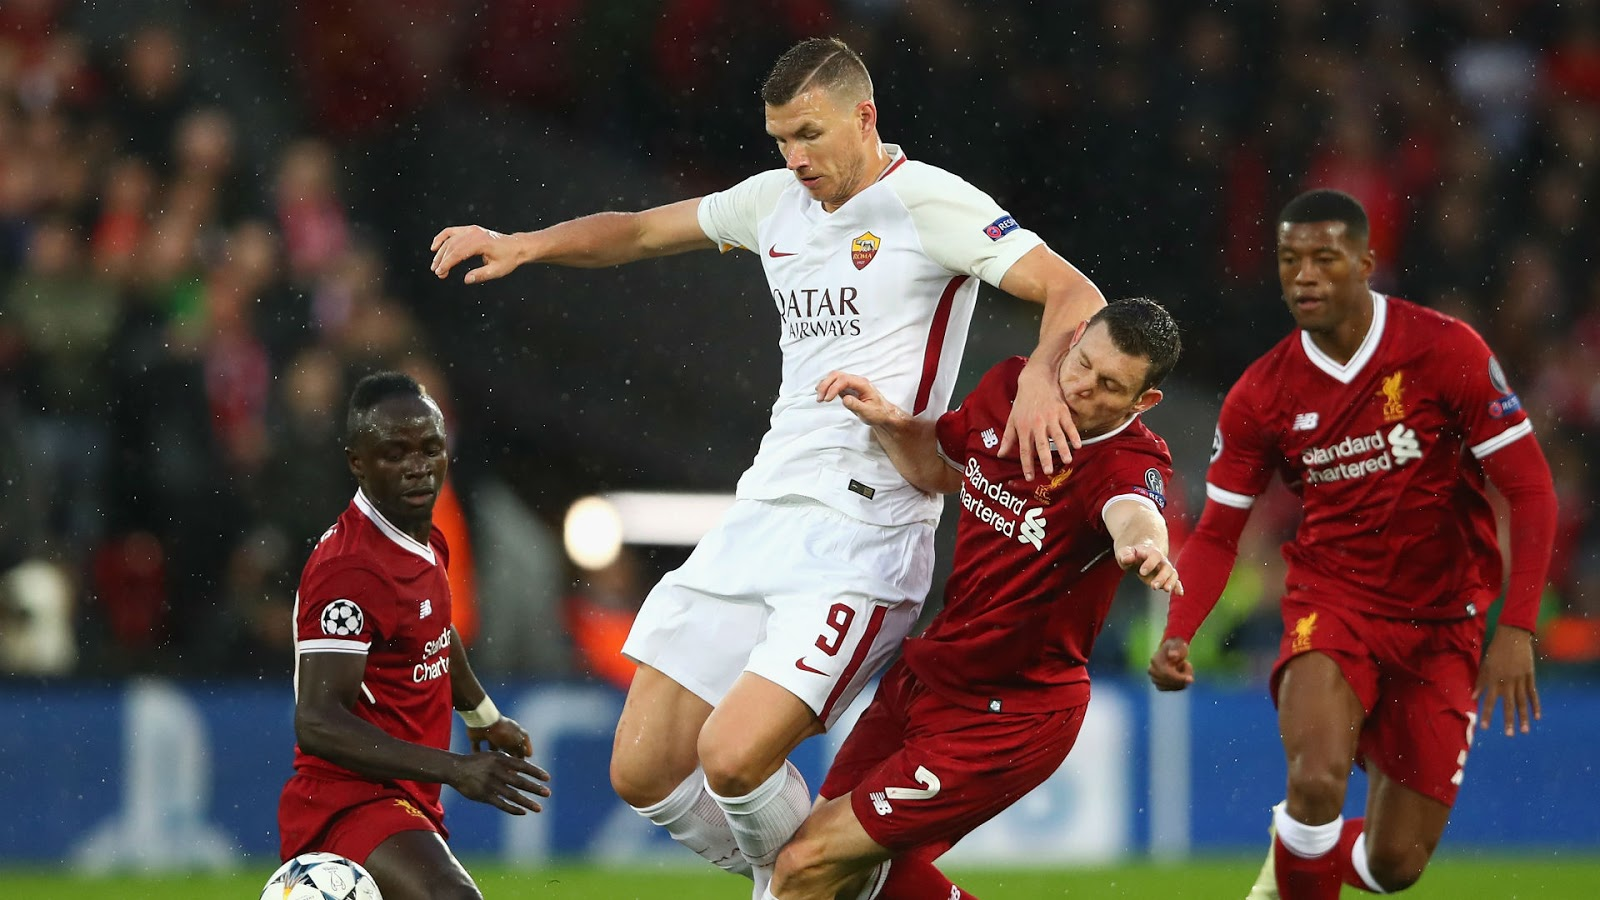 tai-sao-Klopp-tin-rang-Liverpool-se-mang-danh-hieu-ve-Anfield-2